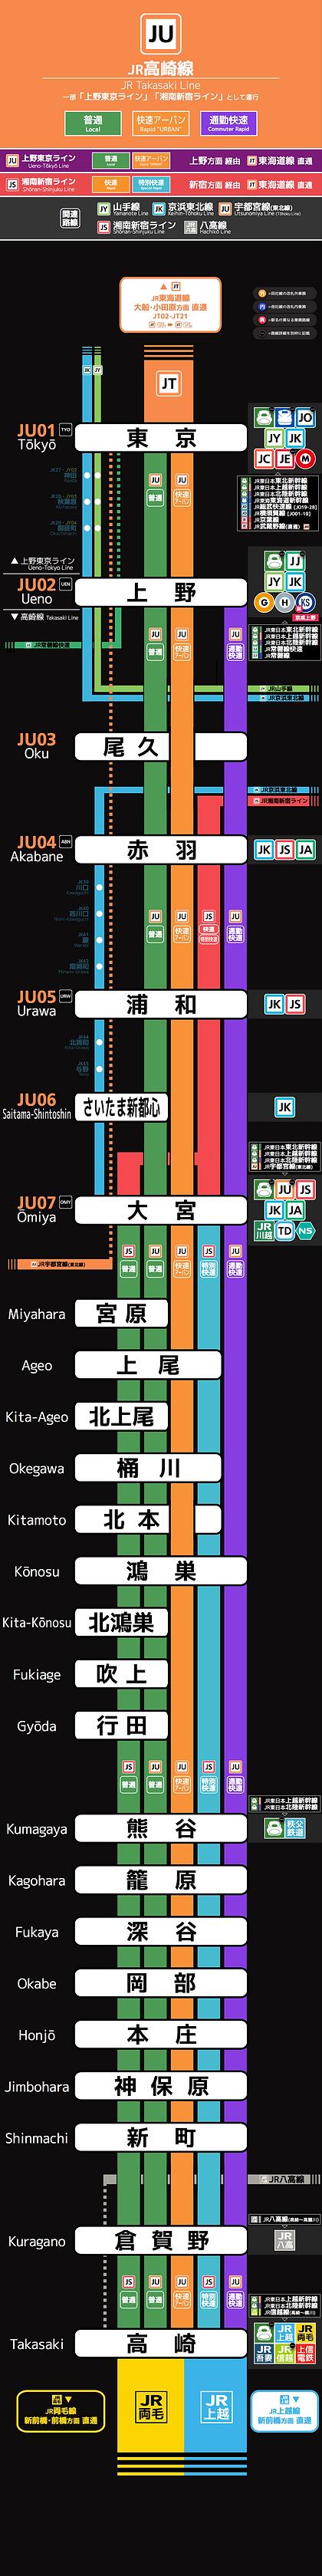 JR高崎線_2019-10-09.png